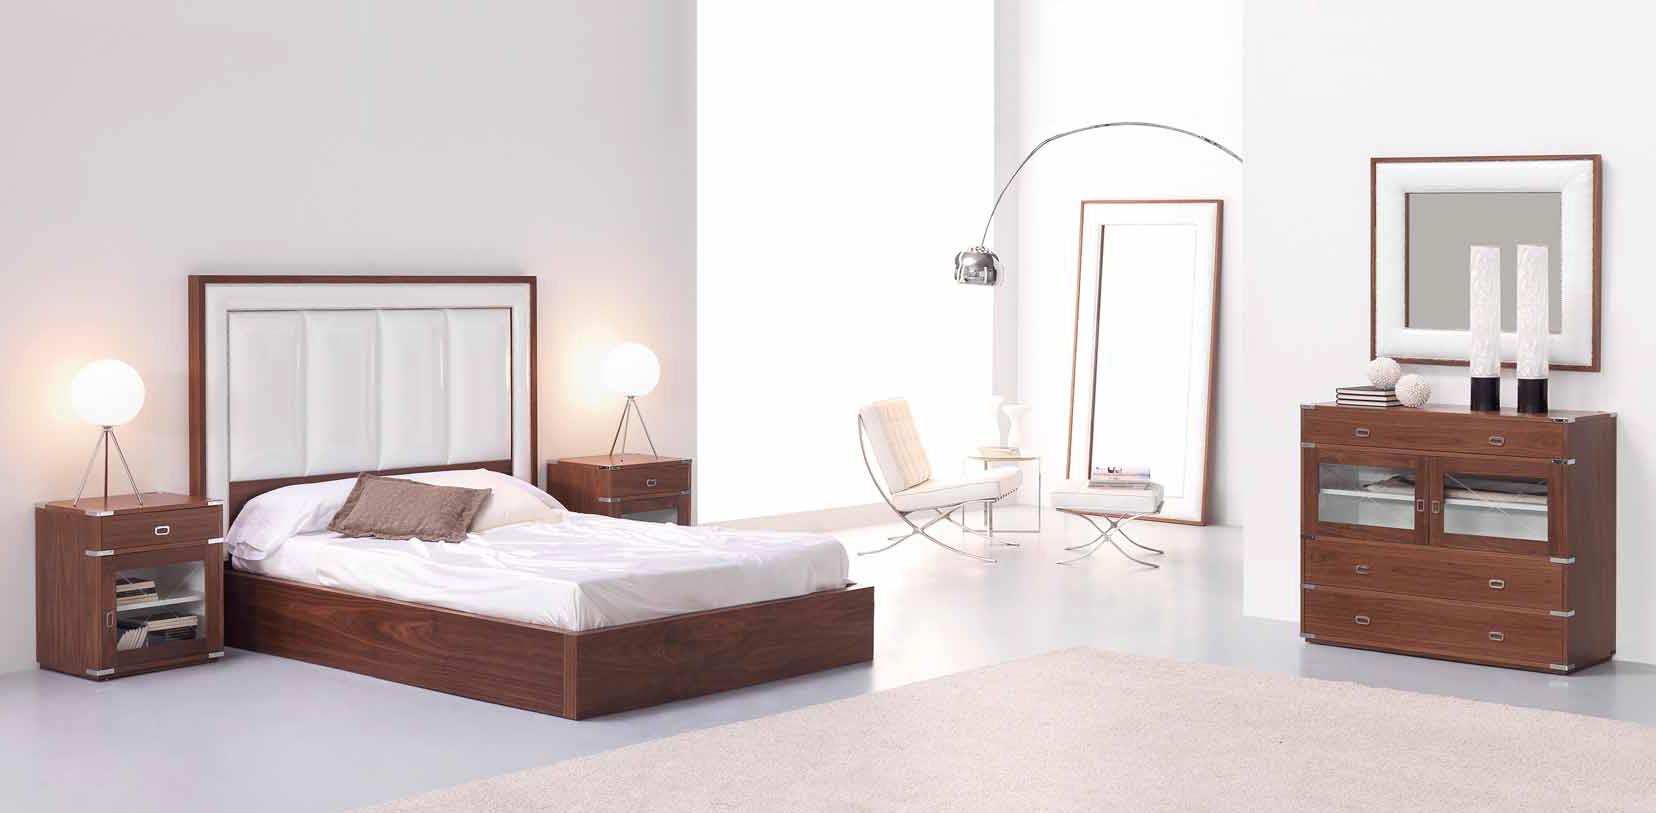 El blanco ideal para la cama villalba interiorismo - Funda nordica blanca ...